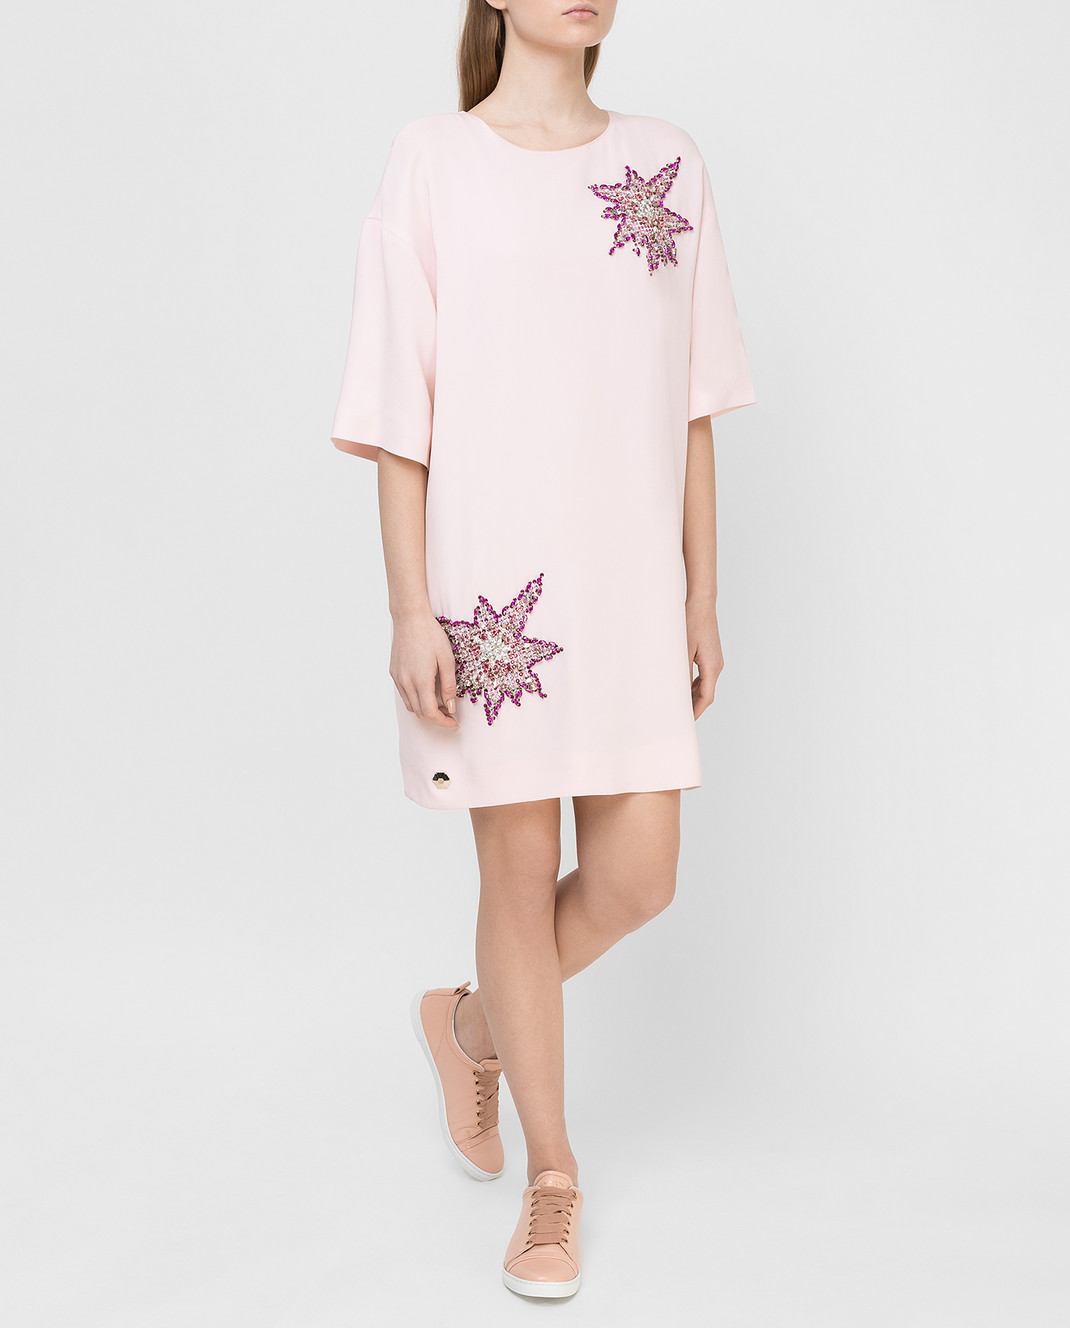 Philipp Plein Розовое платье с кристаллами CW440354 изображение 2